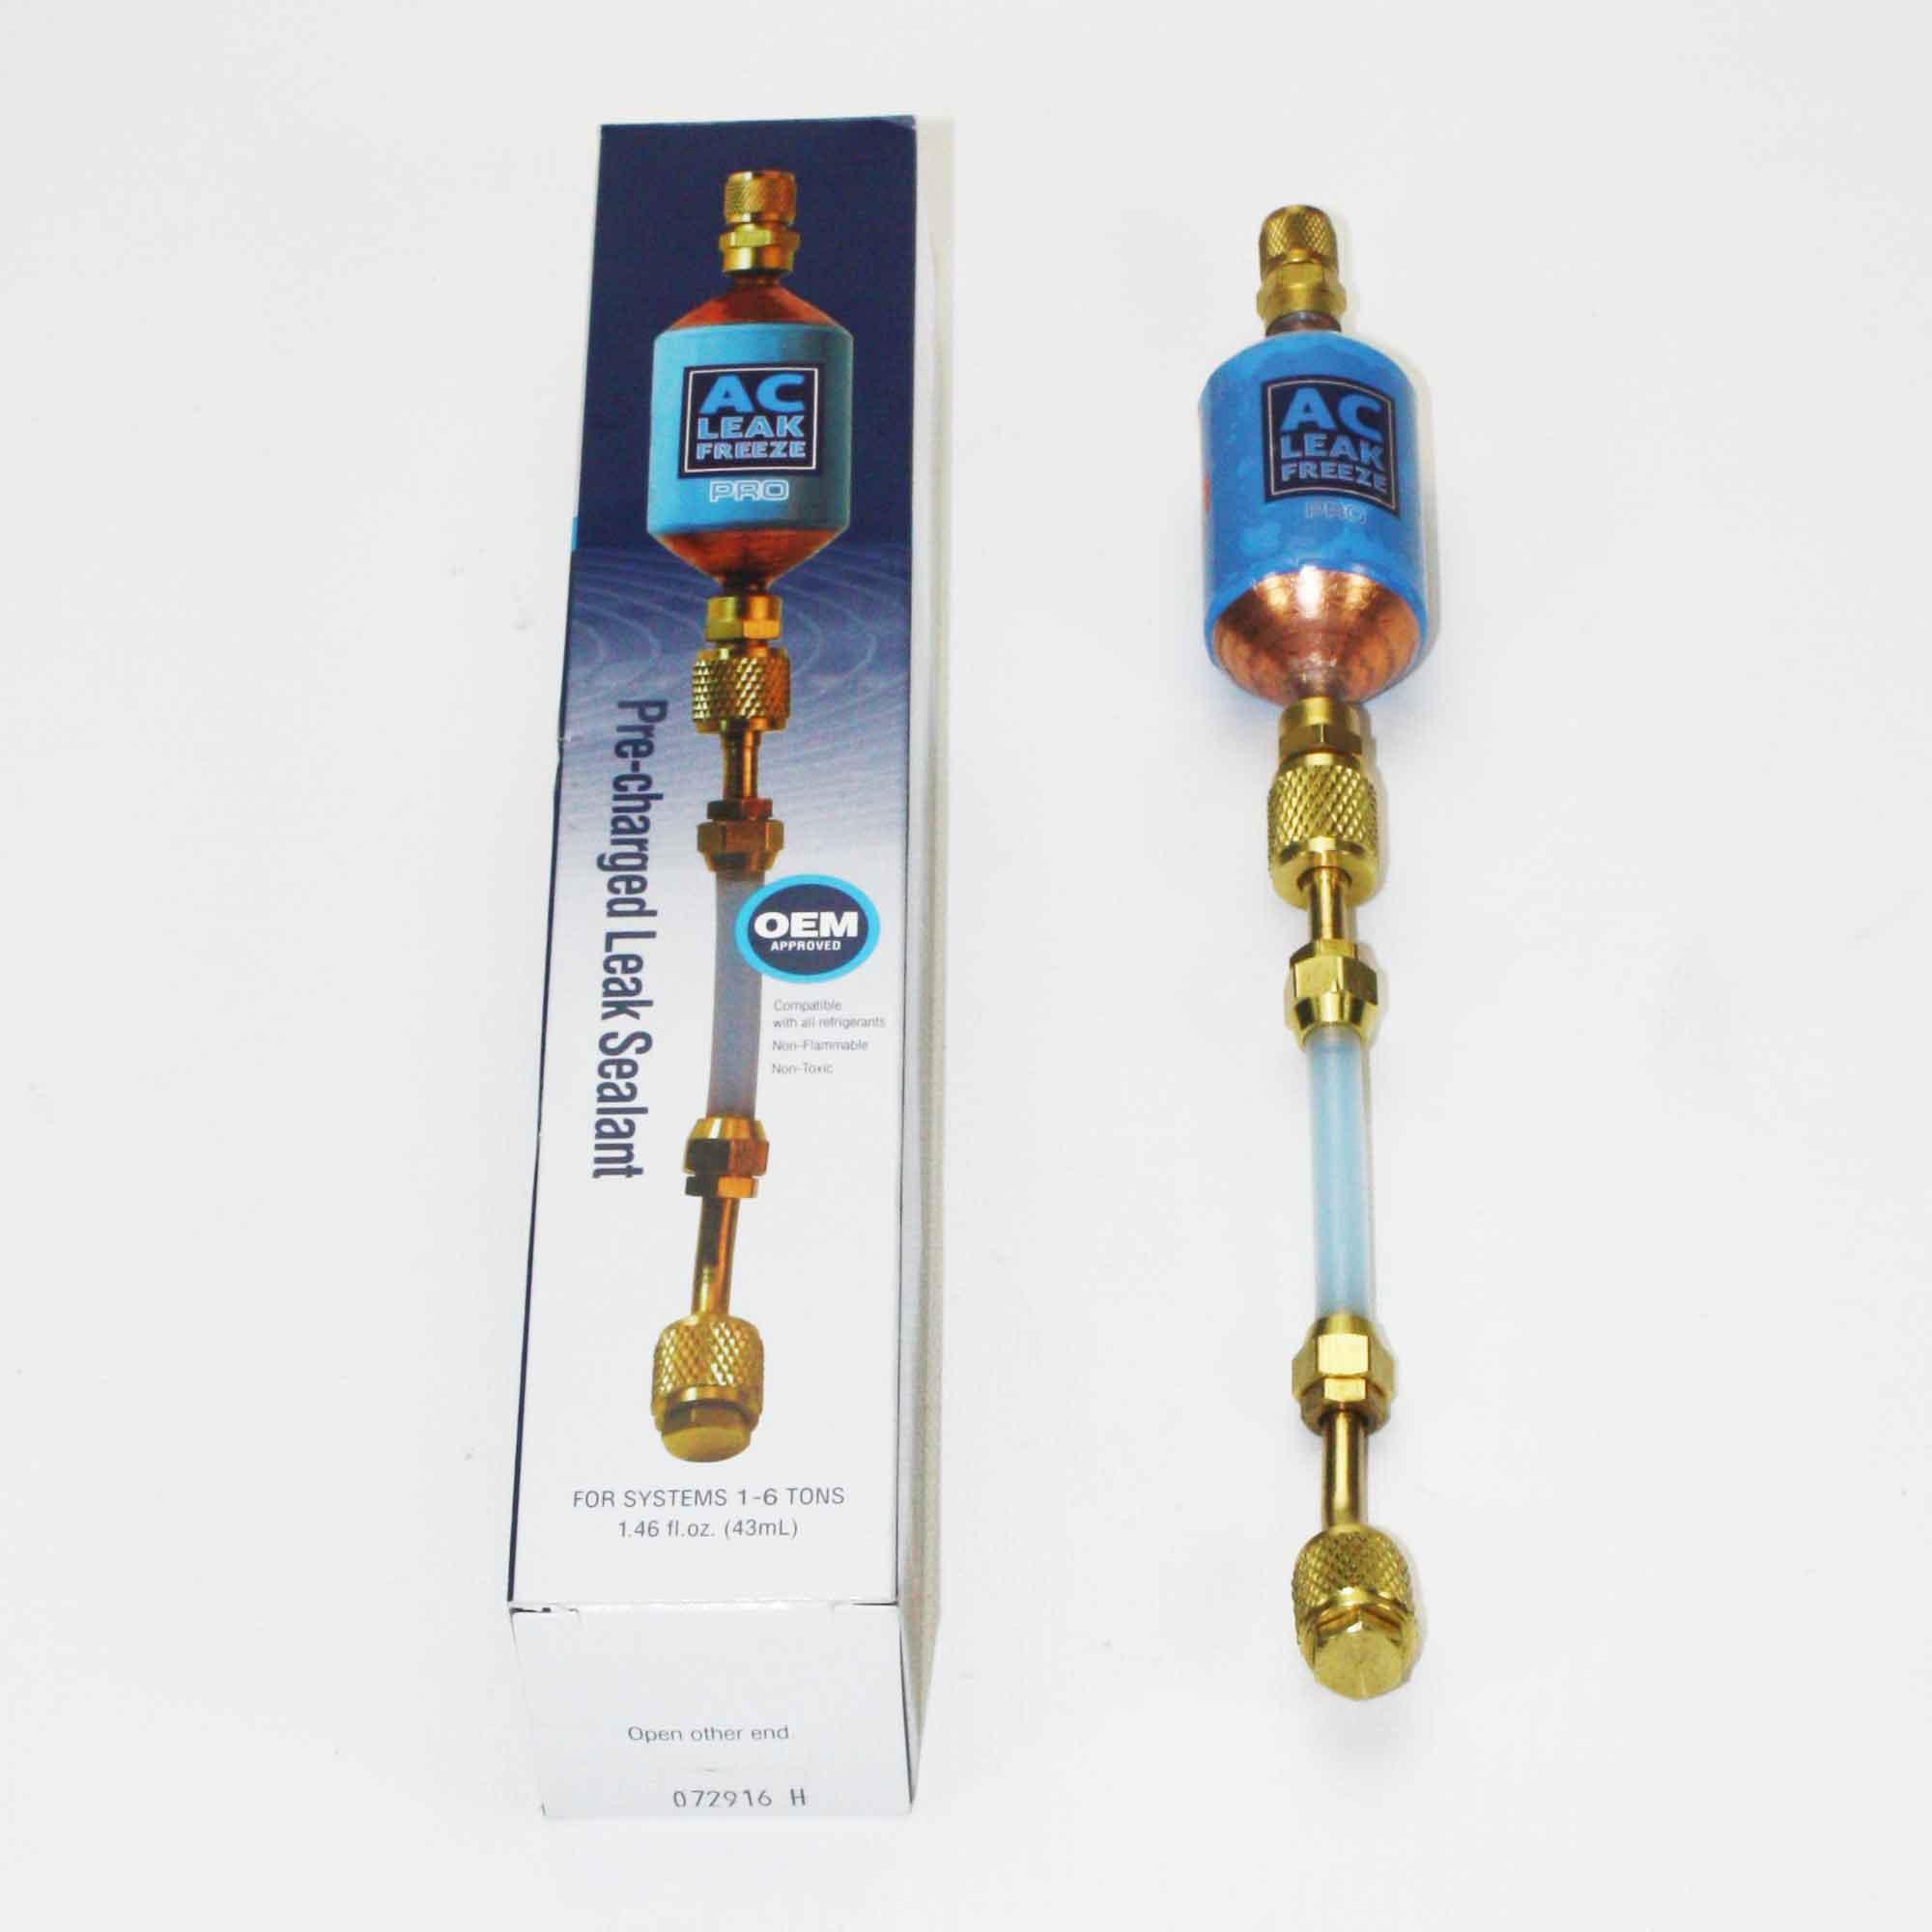 AC Leak Pro 45315